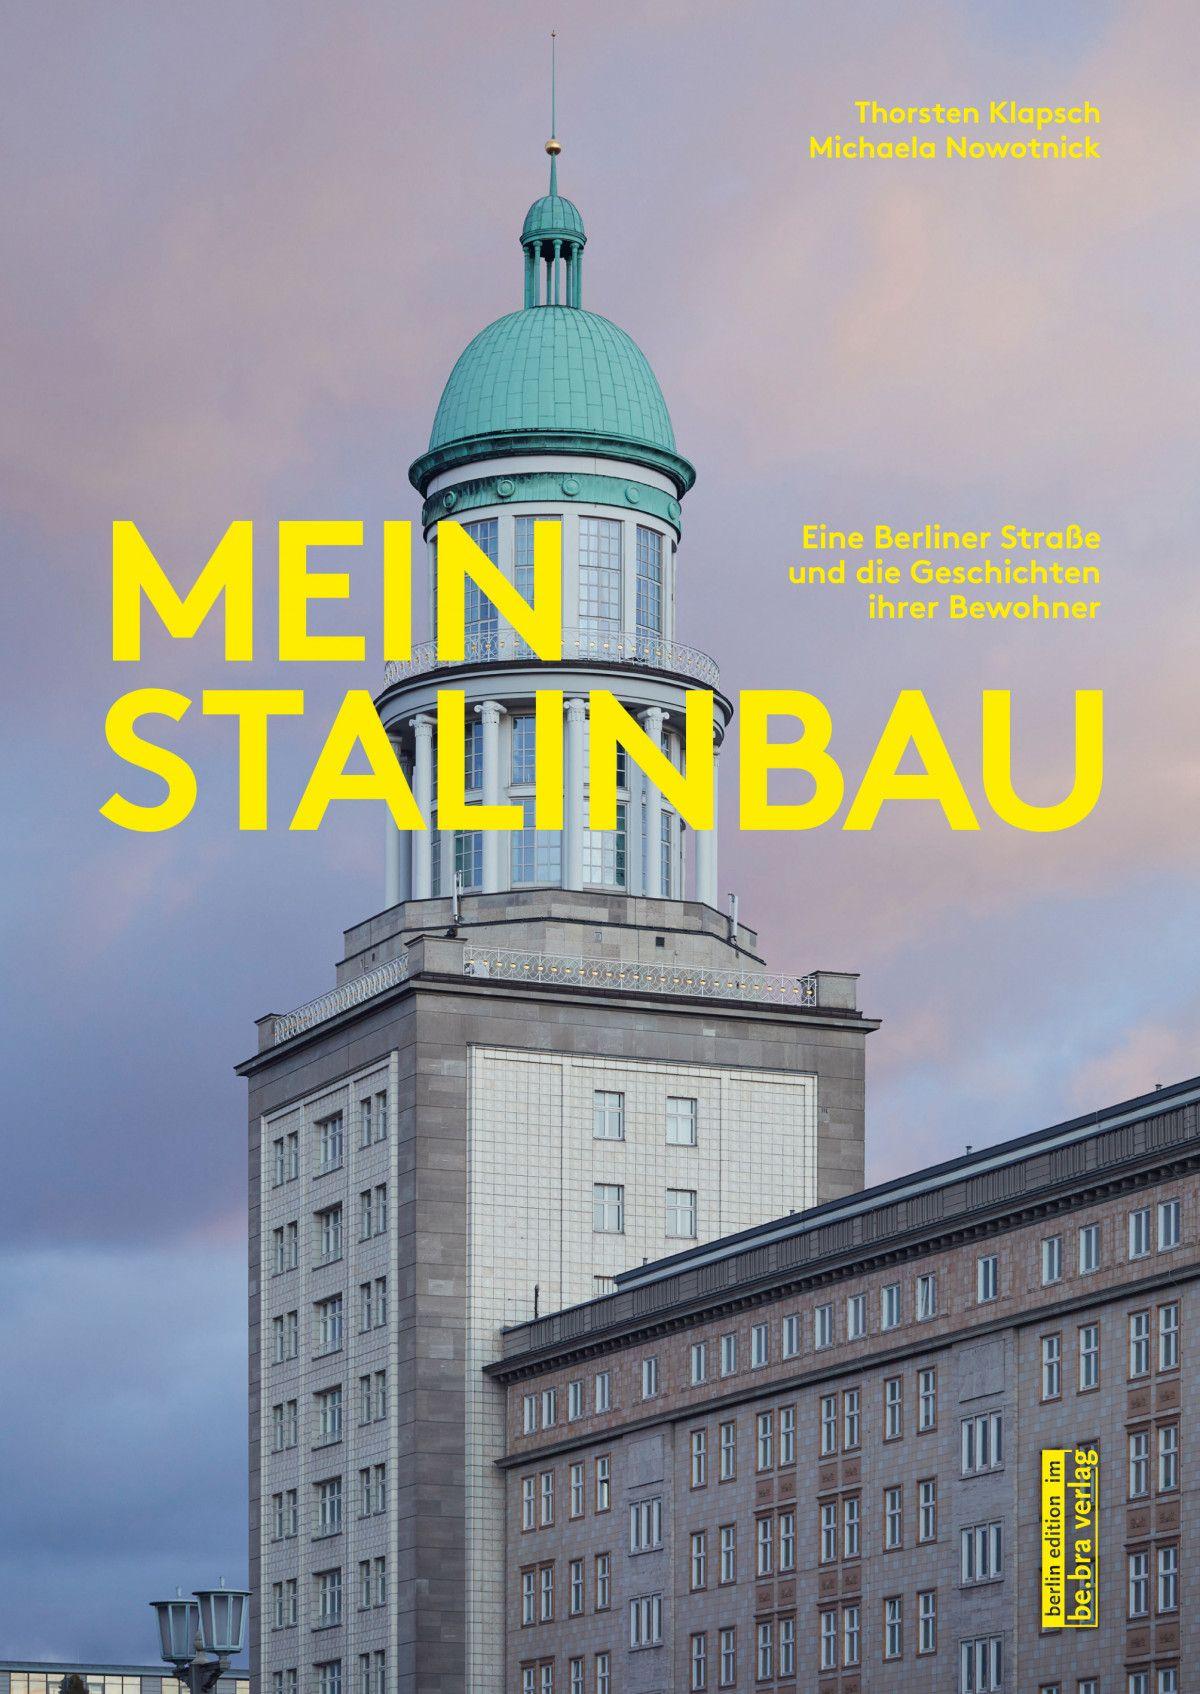 Thorsten Klapsch, Michaela Nowotnick: »Mein Stalinbau. Eine Berliner Straße und die Geschichten ihrer Bewohner« (Cover).